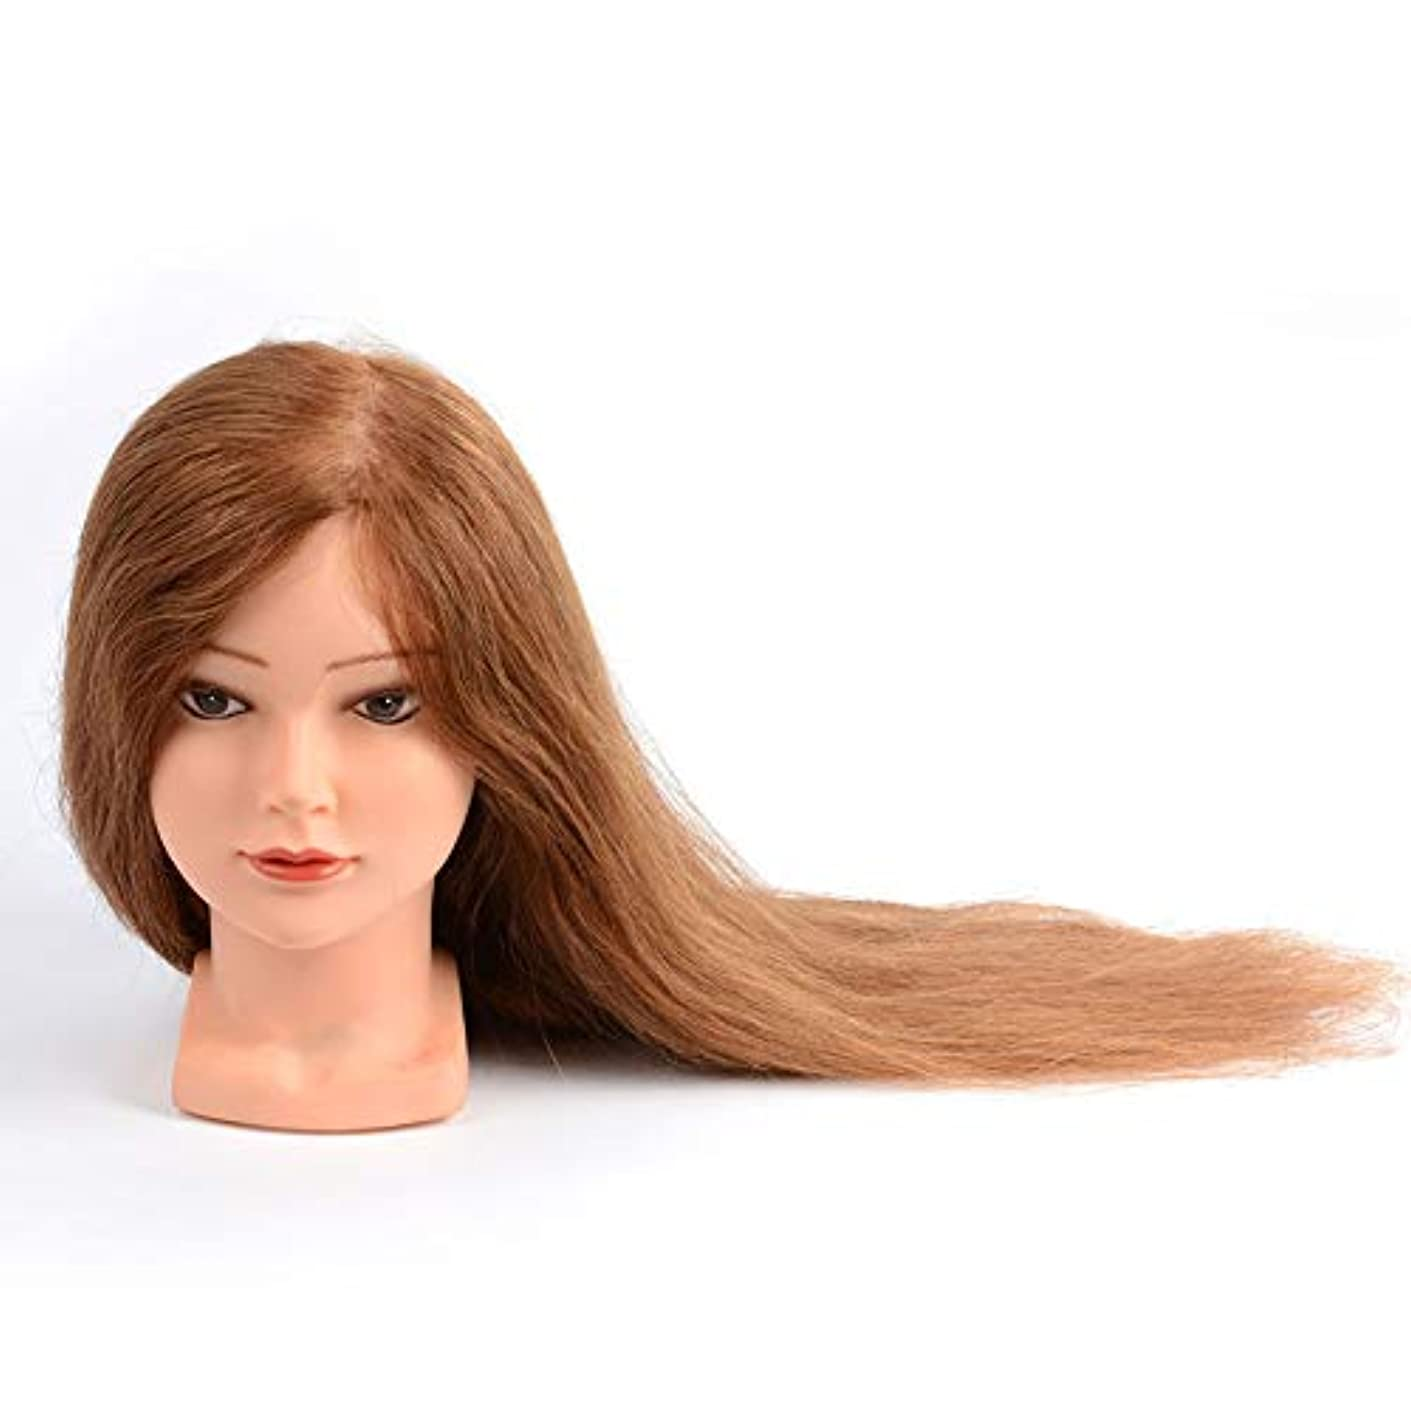 階下みすぼらしい感嘆符実在の人の髪のダミーヘッド理髪店学習パーマ髪染めウィッグモデルヘッド花嫁メイクスタイル教育ヘッド